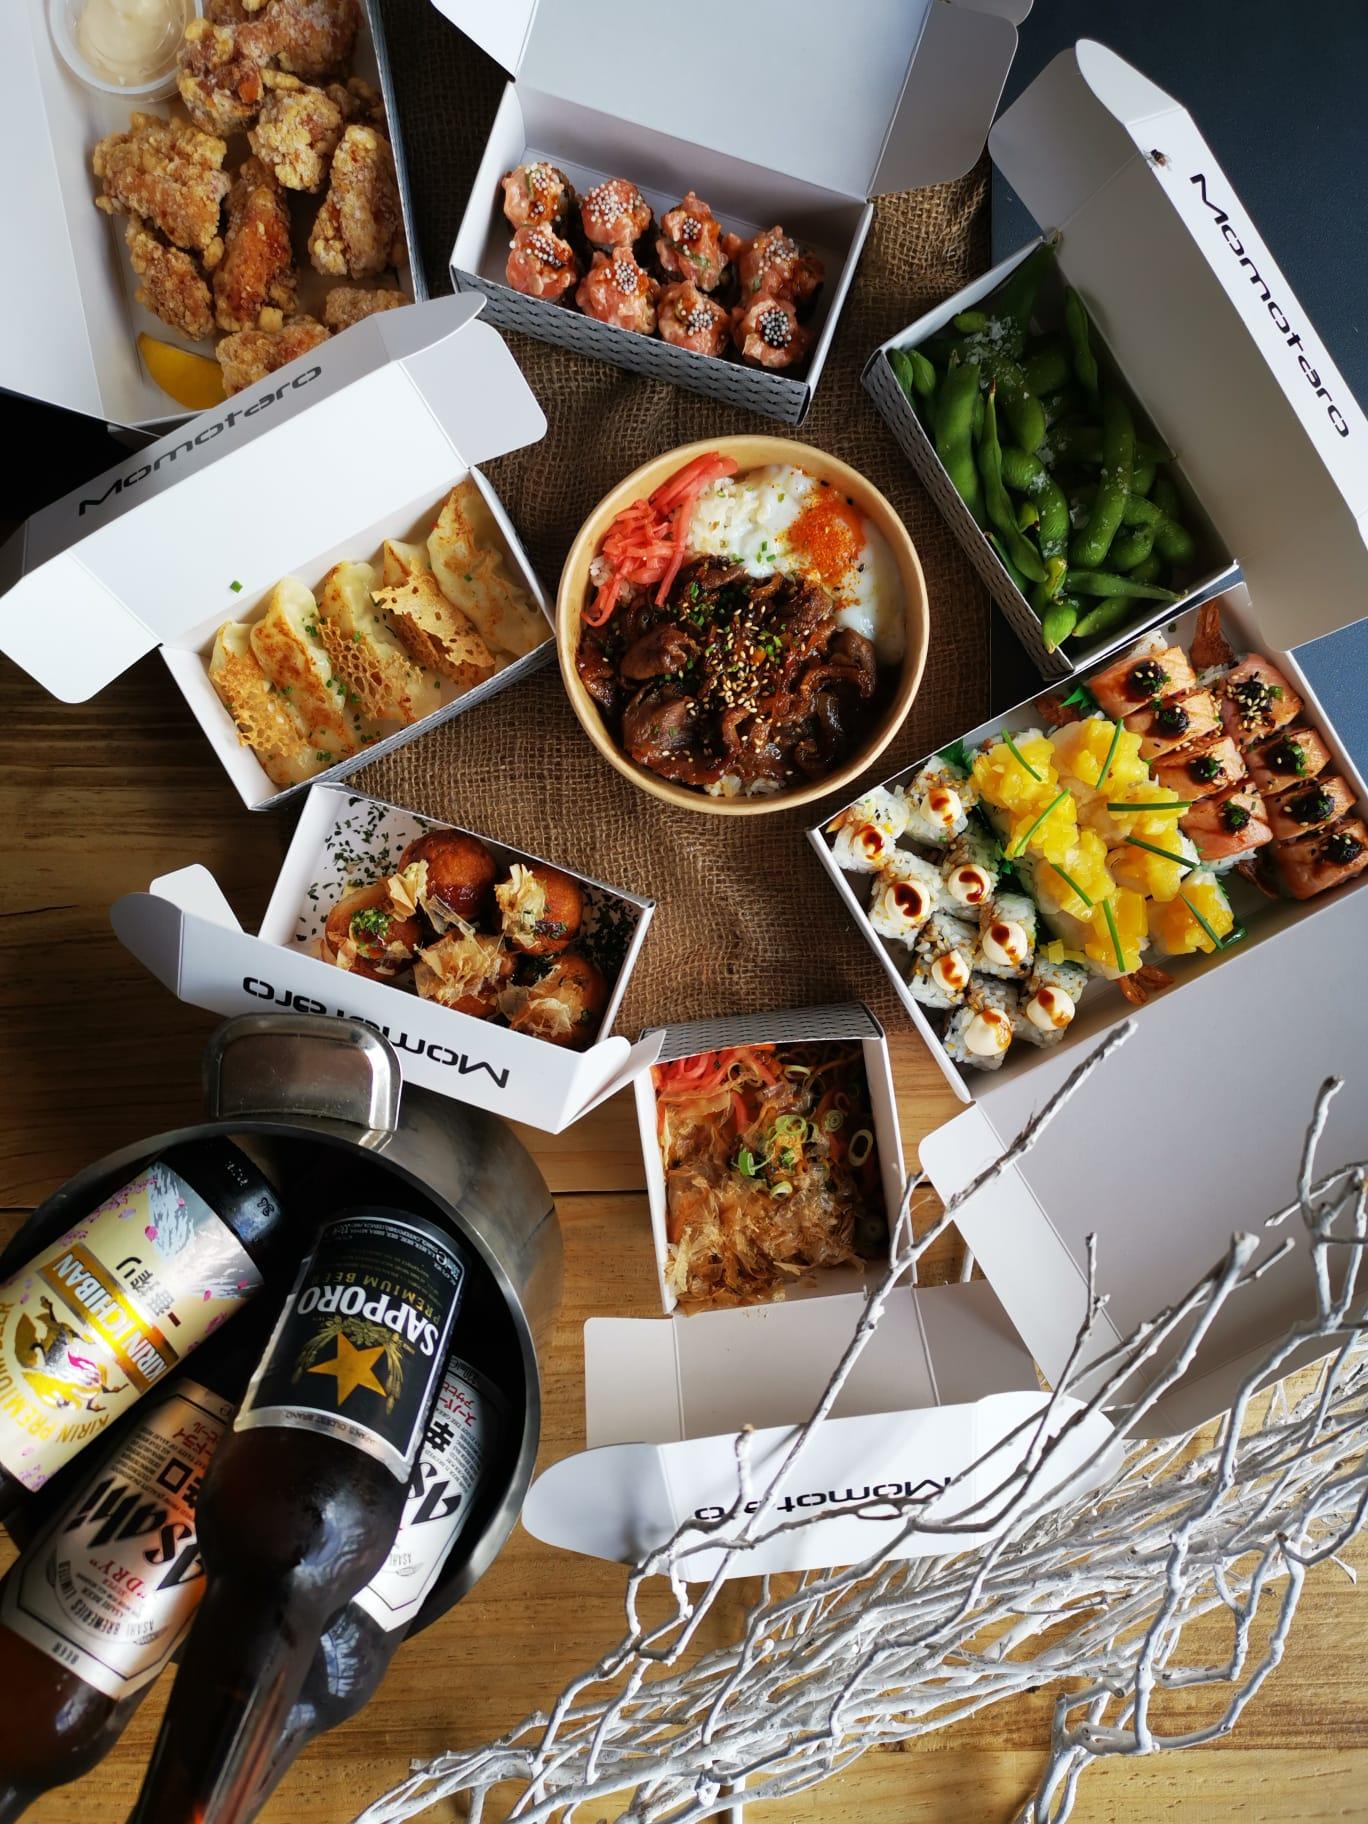 La combinació entre la gastronomia contemporània i la cuina mil·lenària japonesa.